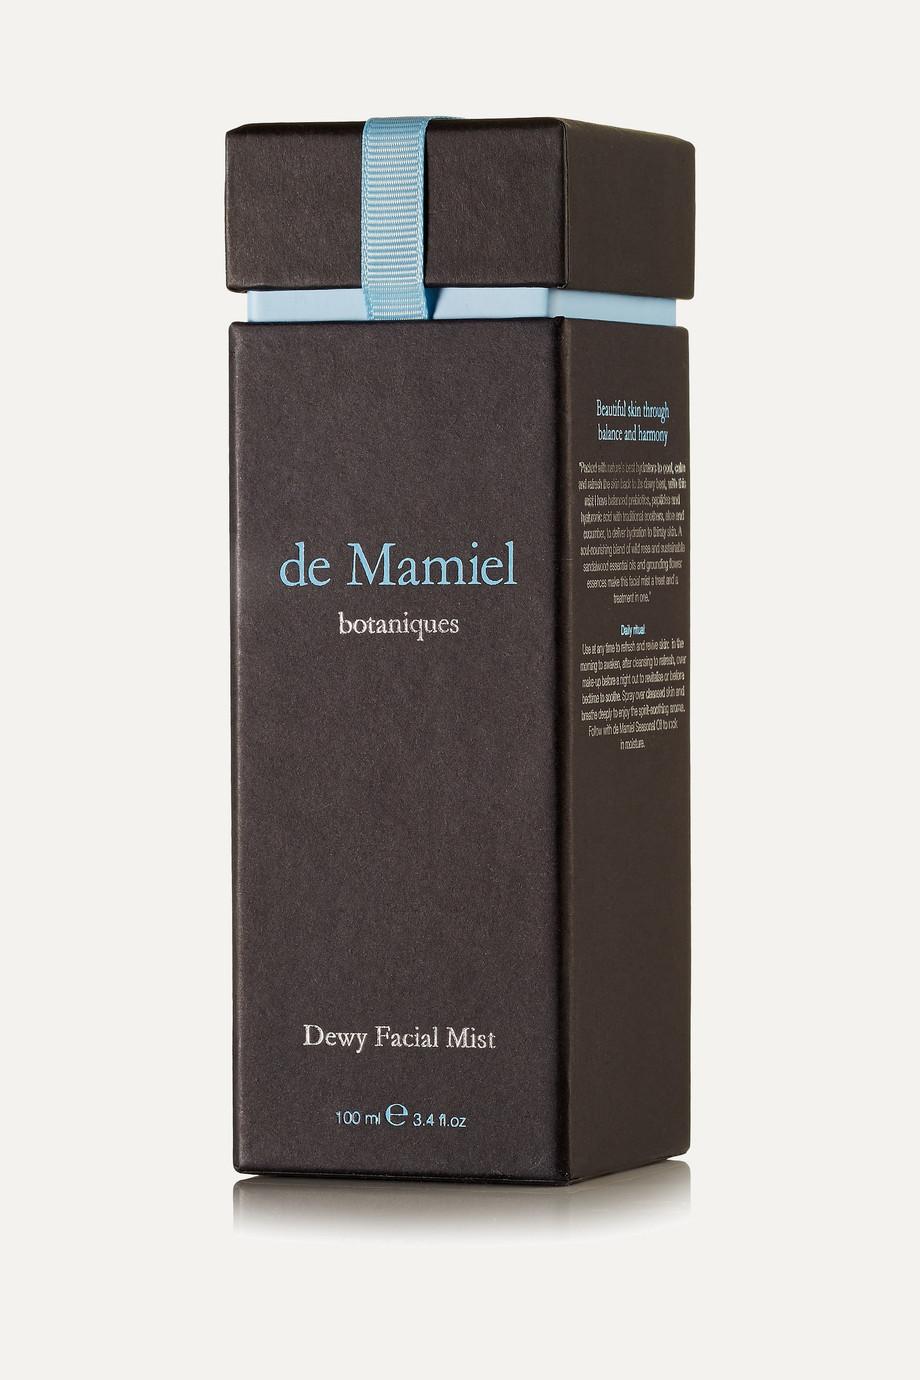 de Mamiel Dewy Facial Mist, 100ml